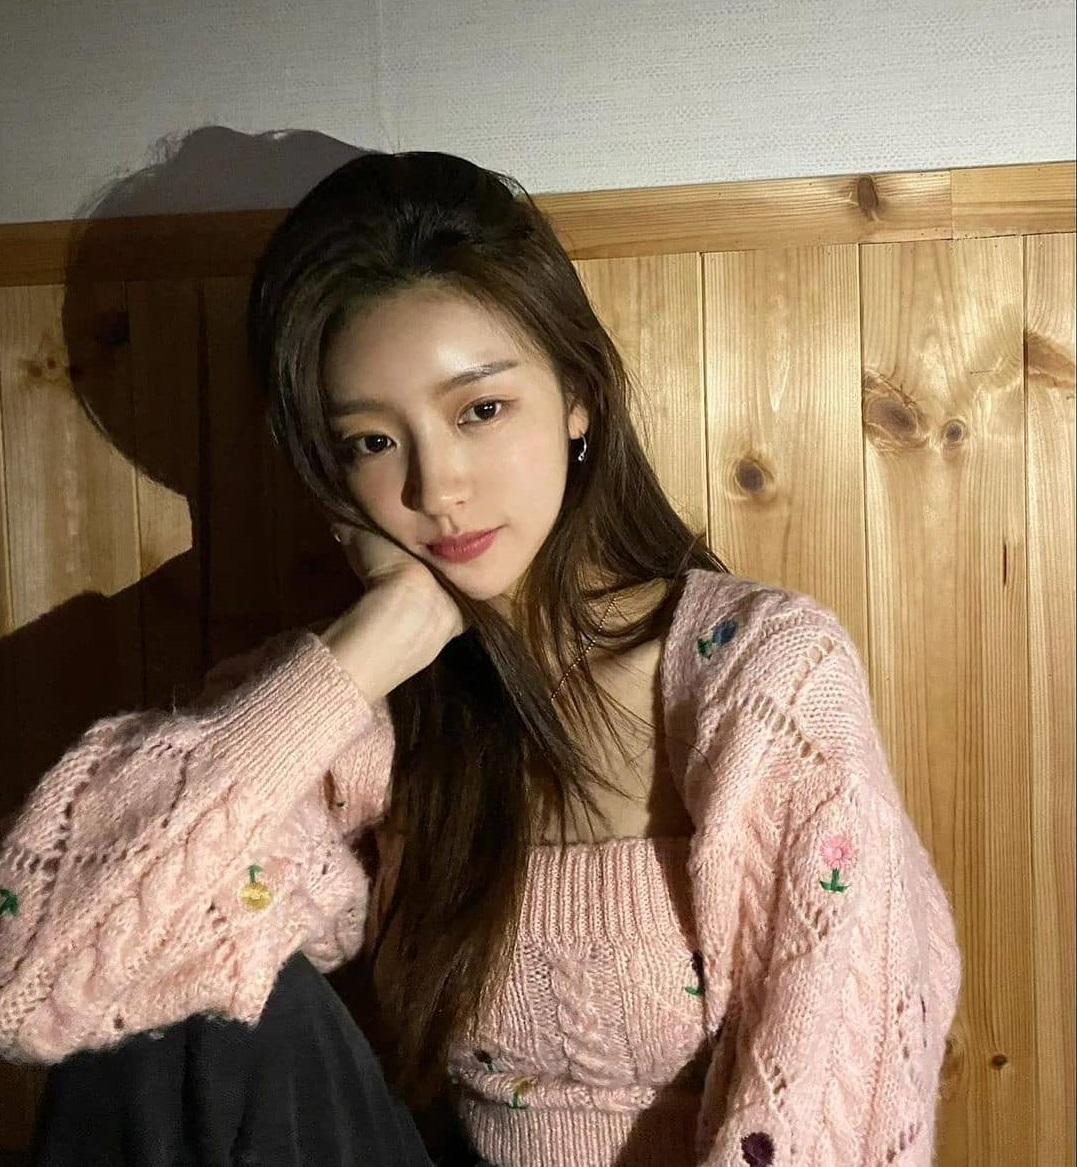 Check nhanh loạt đồ Zara sao Hàn vừa diện: Toàn kiểu xinh xỉu, có món đang sale chỉ còn 199k - ảnh 1